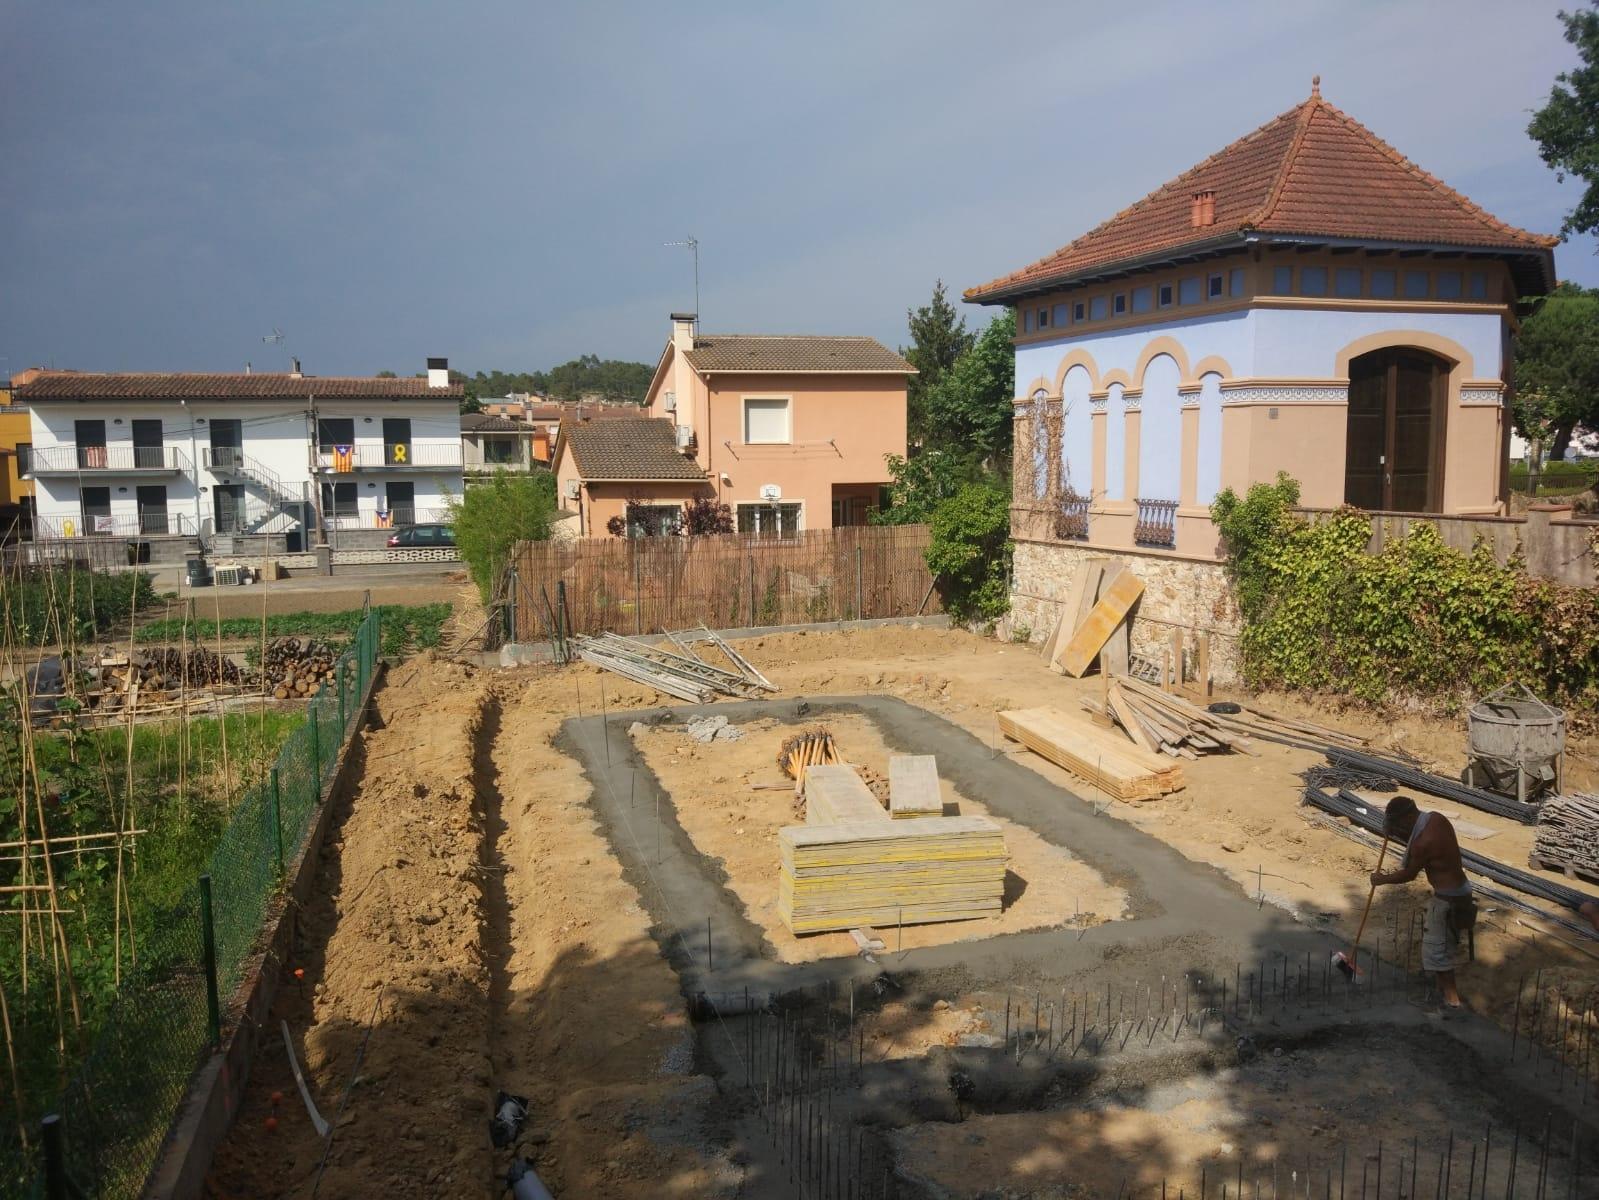 Inicio de las obras de la nueva casa Genial Houses® en Caldes de Malavella